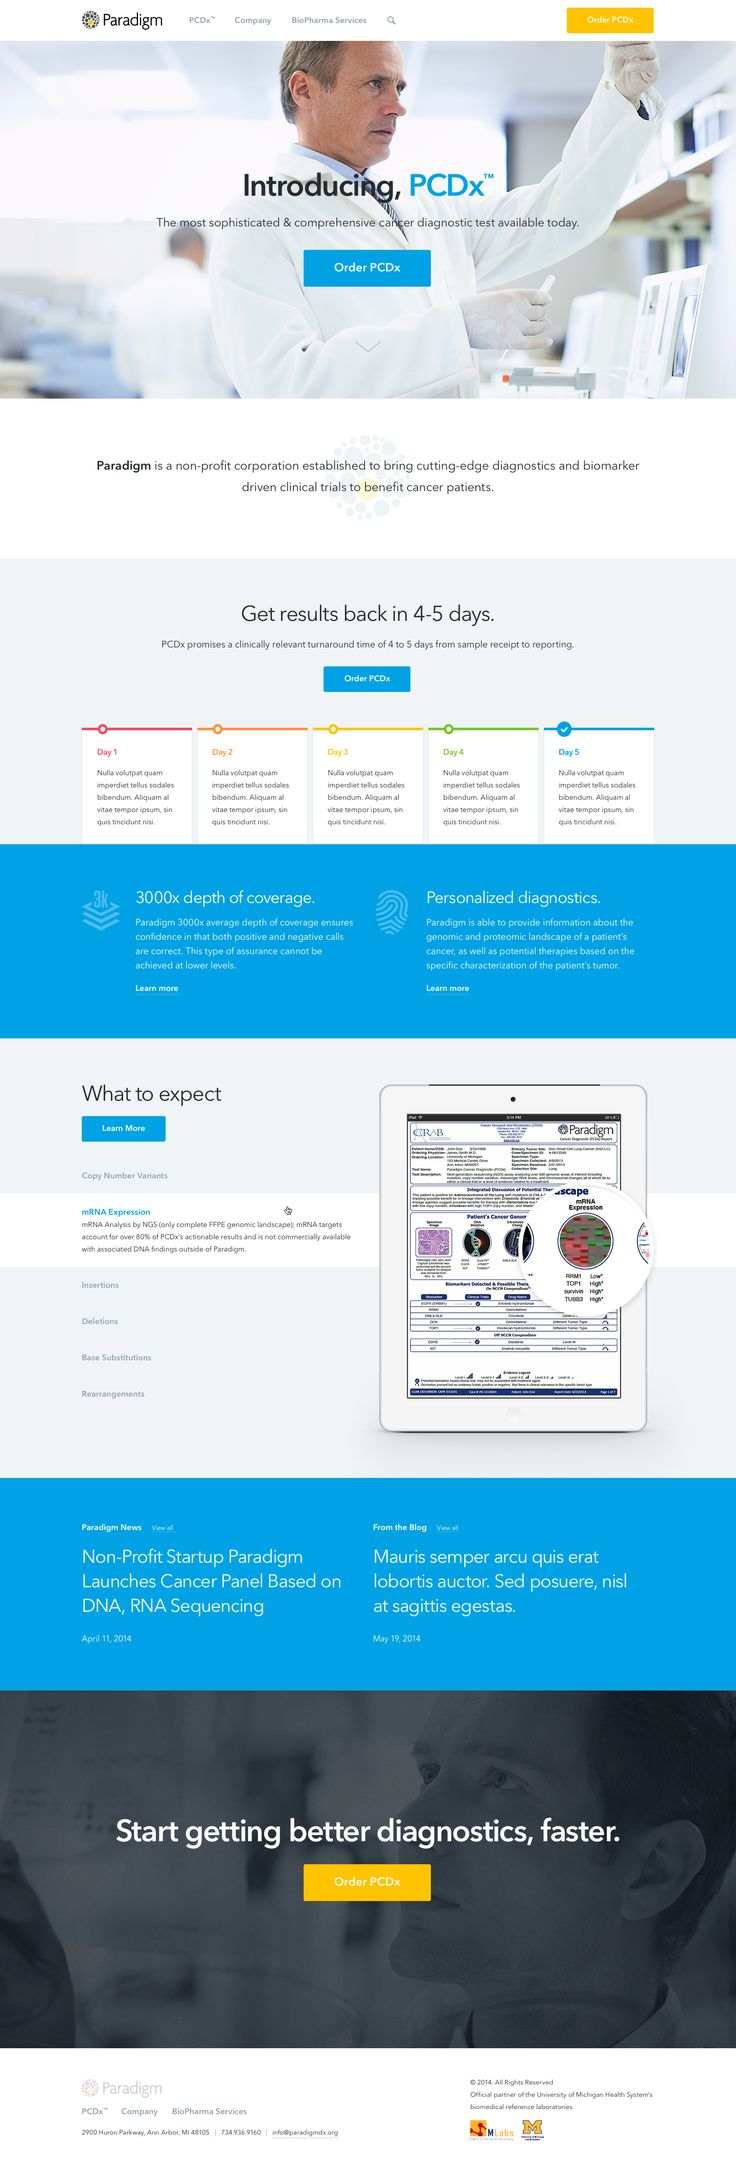 Cool Web Design, Paradigm. #webdesign #webdevelopment [http://www.pinterest.com/alfredchong/]